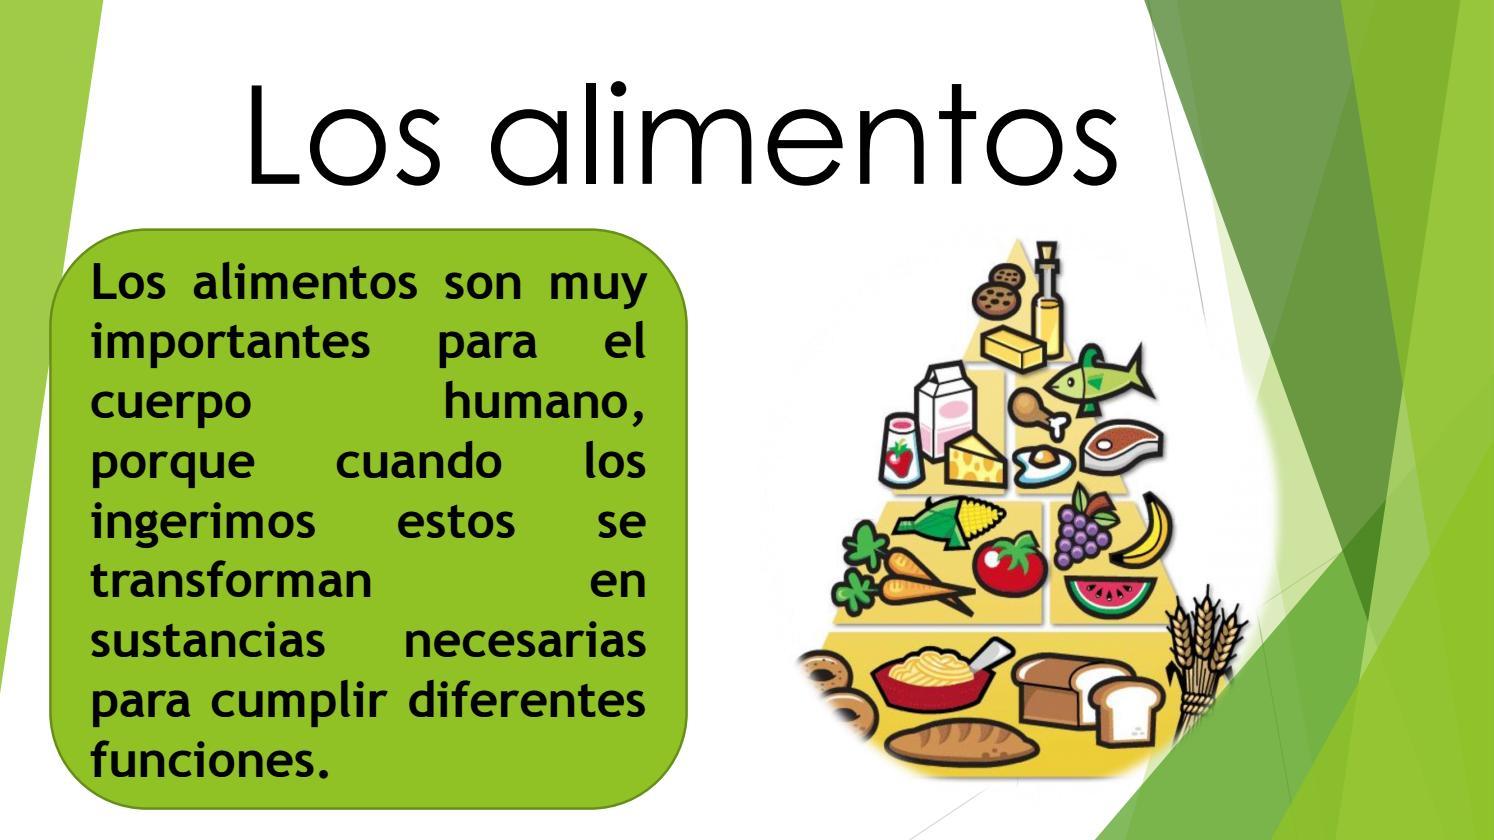 Alimentos seg n su valor nutritivo by liz issuu for Porque son importantes los arboles wikipedia